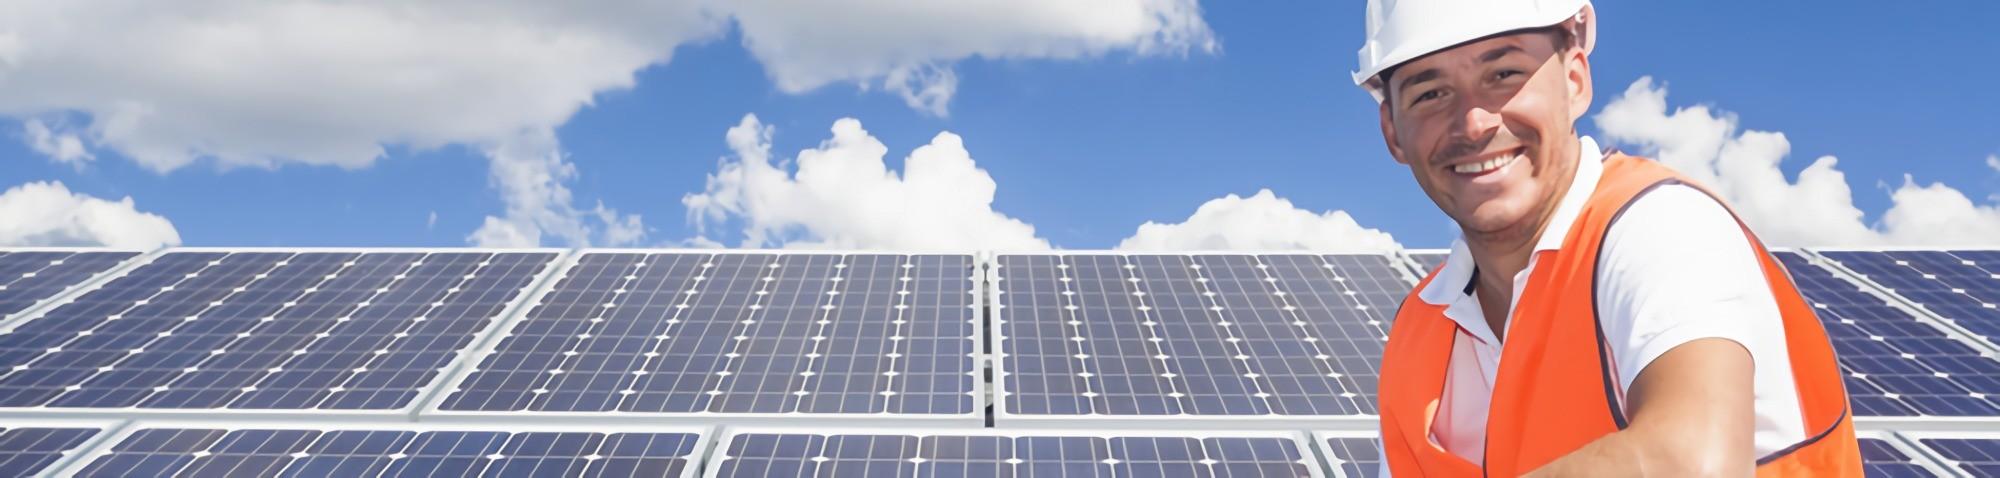 solar technician training